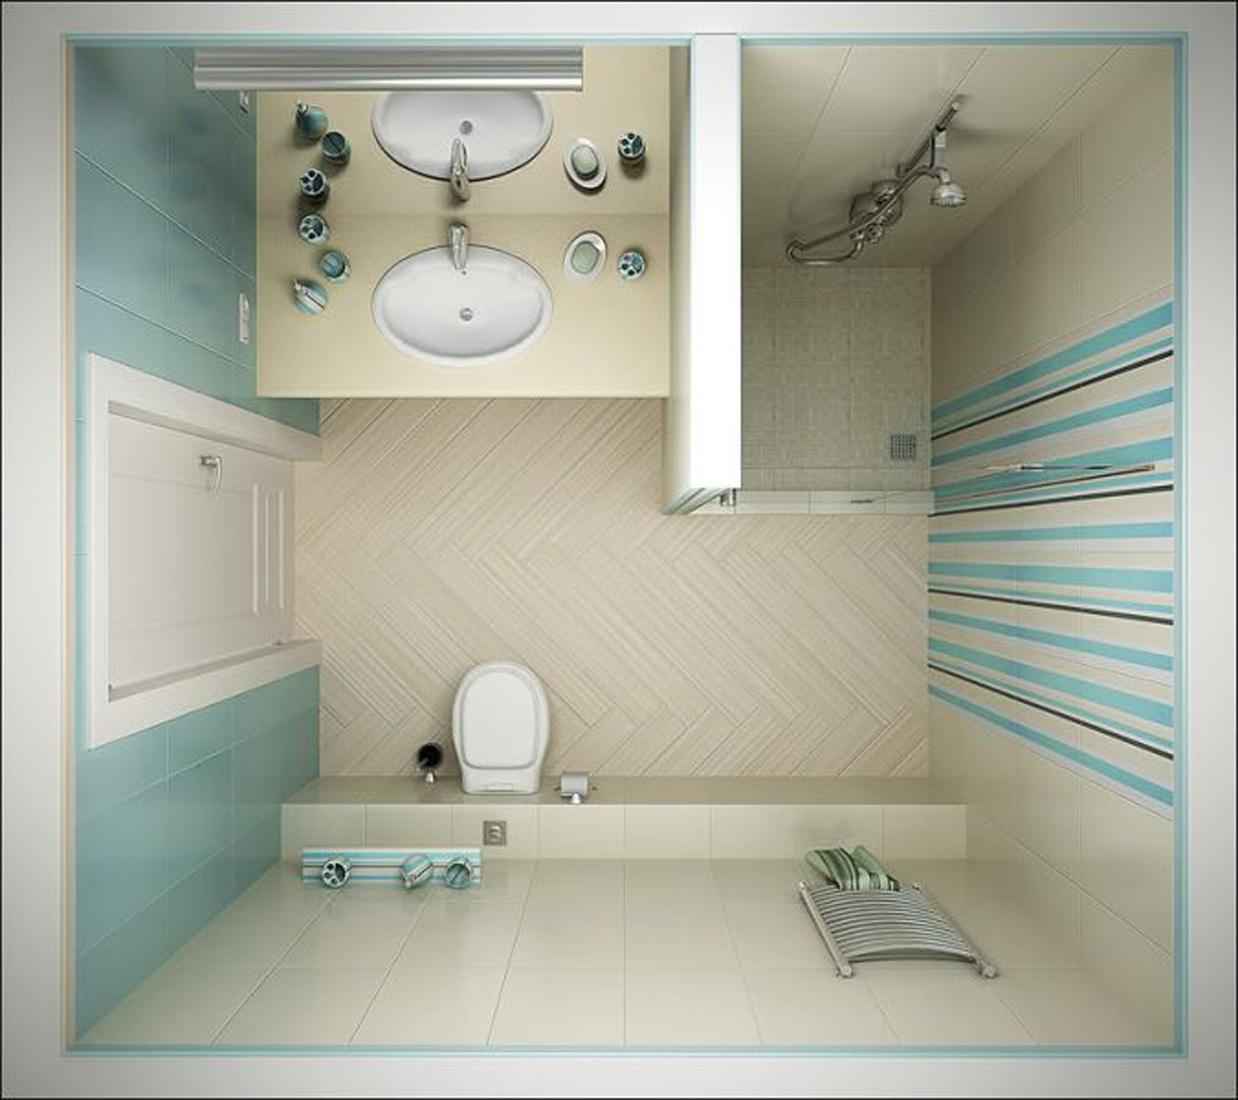 светлая душевая кабина в маленькой ванной комнате